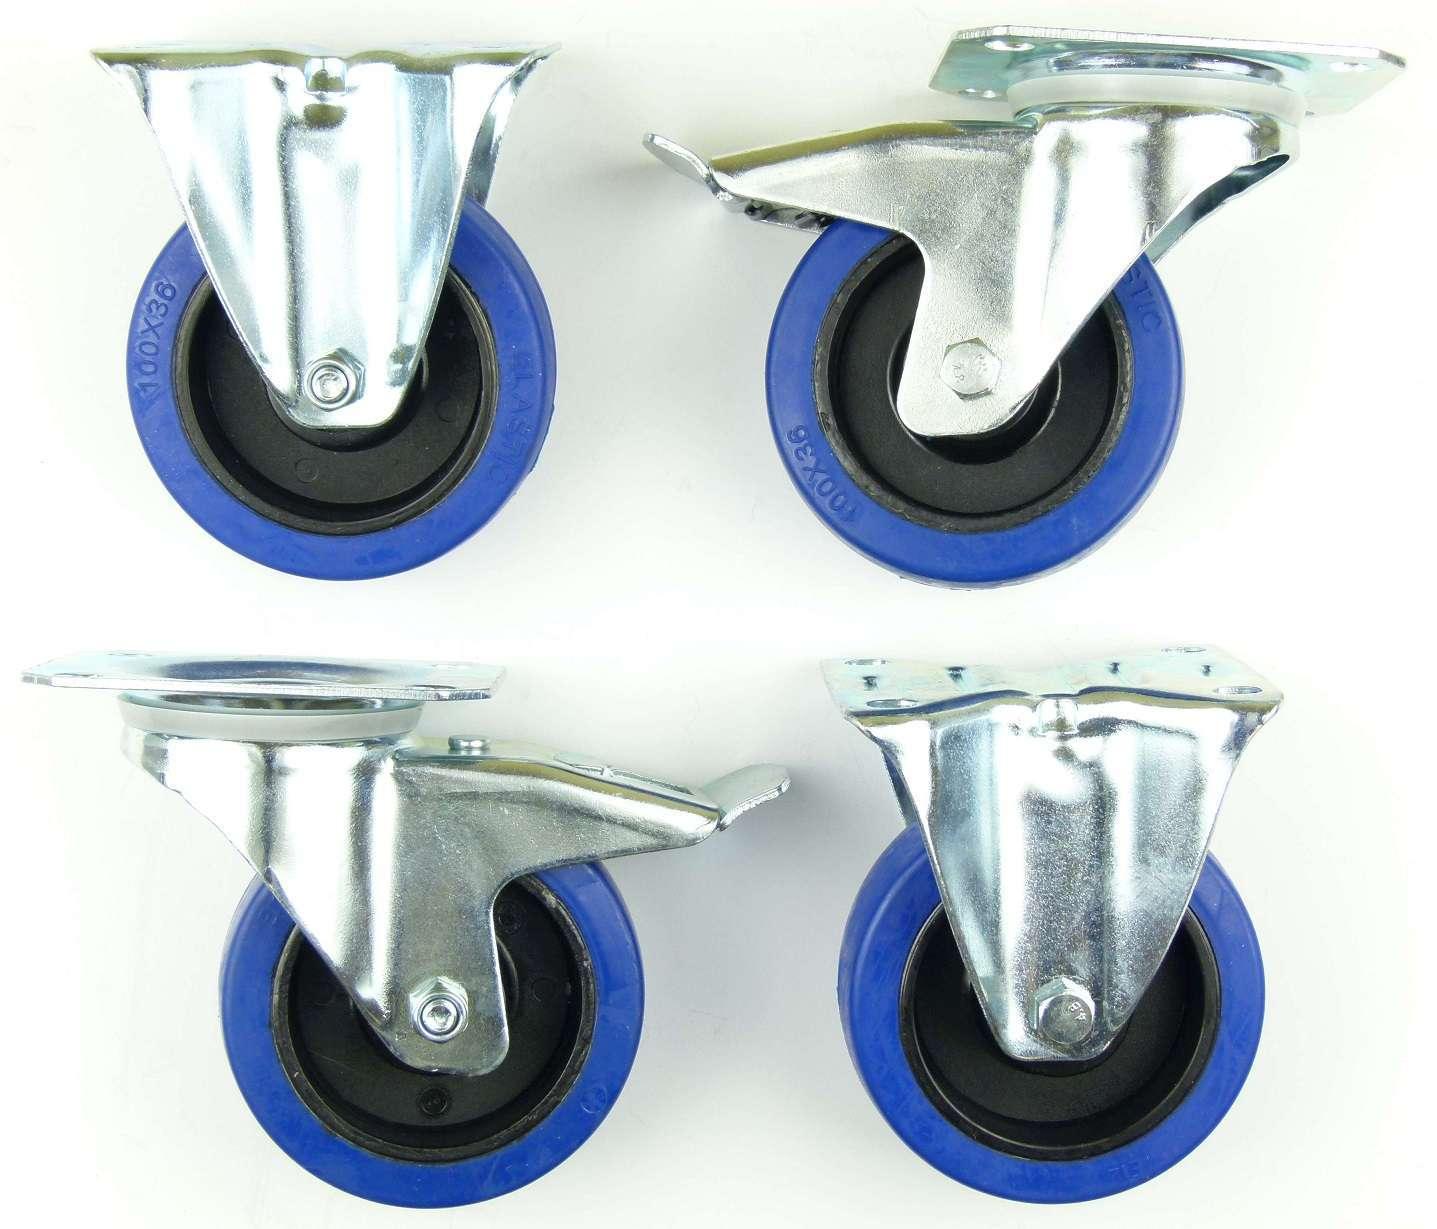 1 set sl 100 mm lenkrollen mit bremse bockrollen blue wheels transportrollen ebay. Black Bedroom Furniture Sets. Home Design Ideas